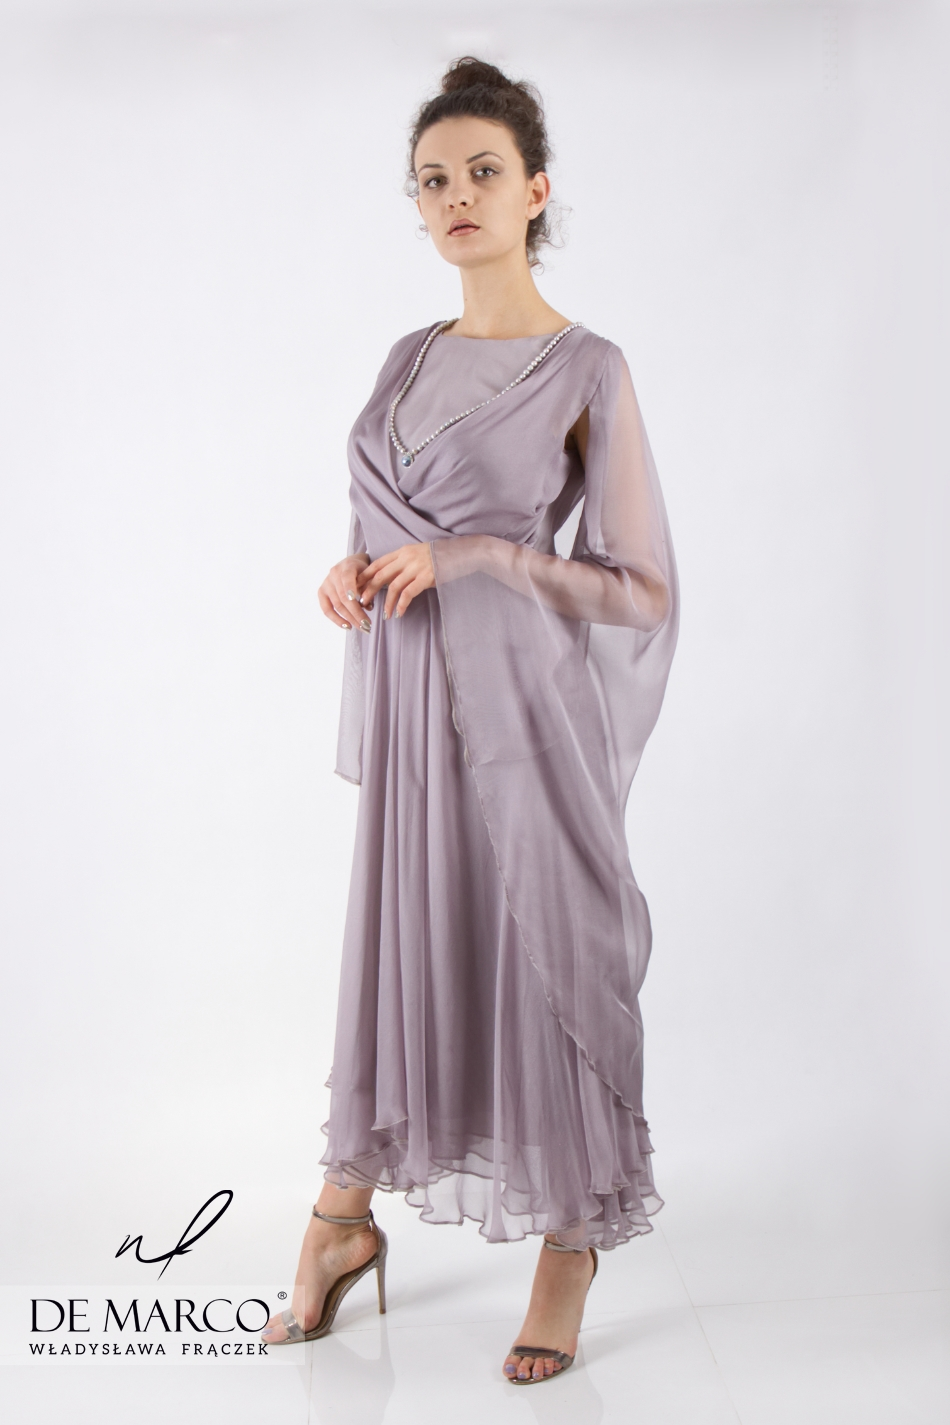 De Marco sklep internetowy z ekskluzywną odzieżą damską